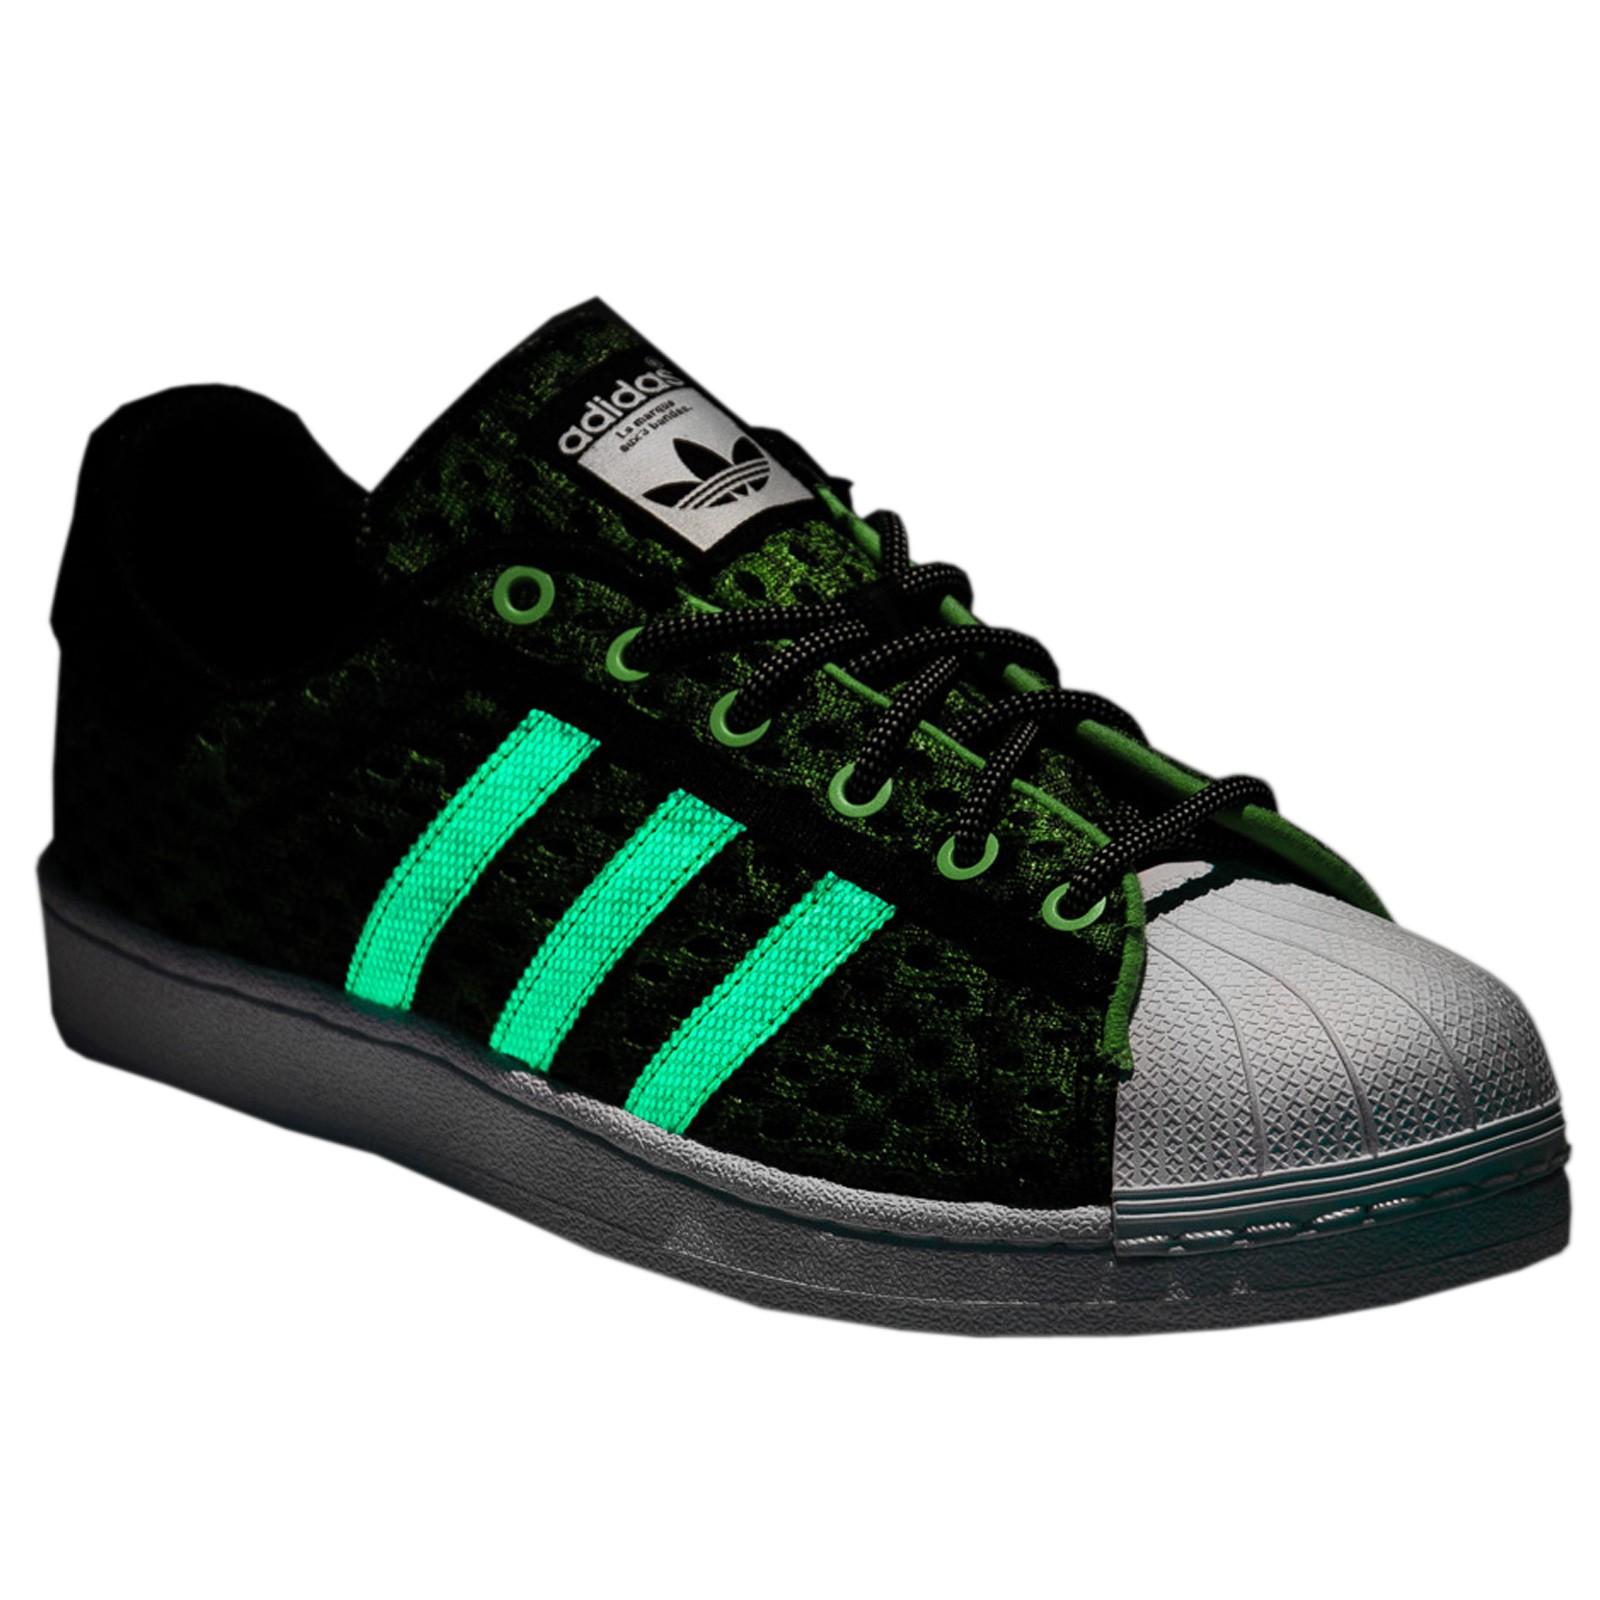 Détails sur Adidas Originals Superstar Gid Luminescent Chaussures Baskets F37671 Vert